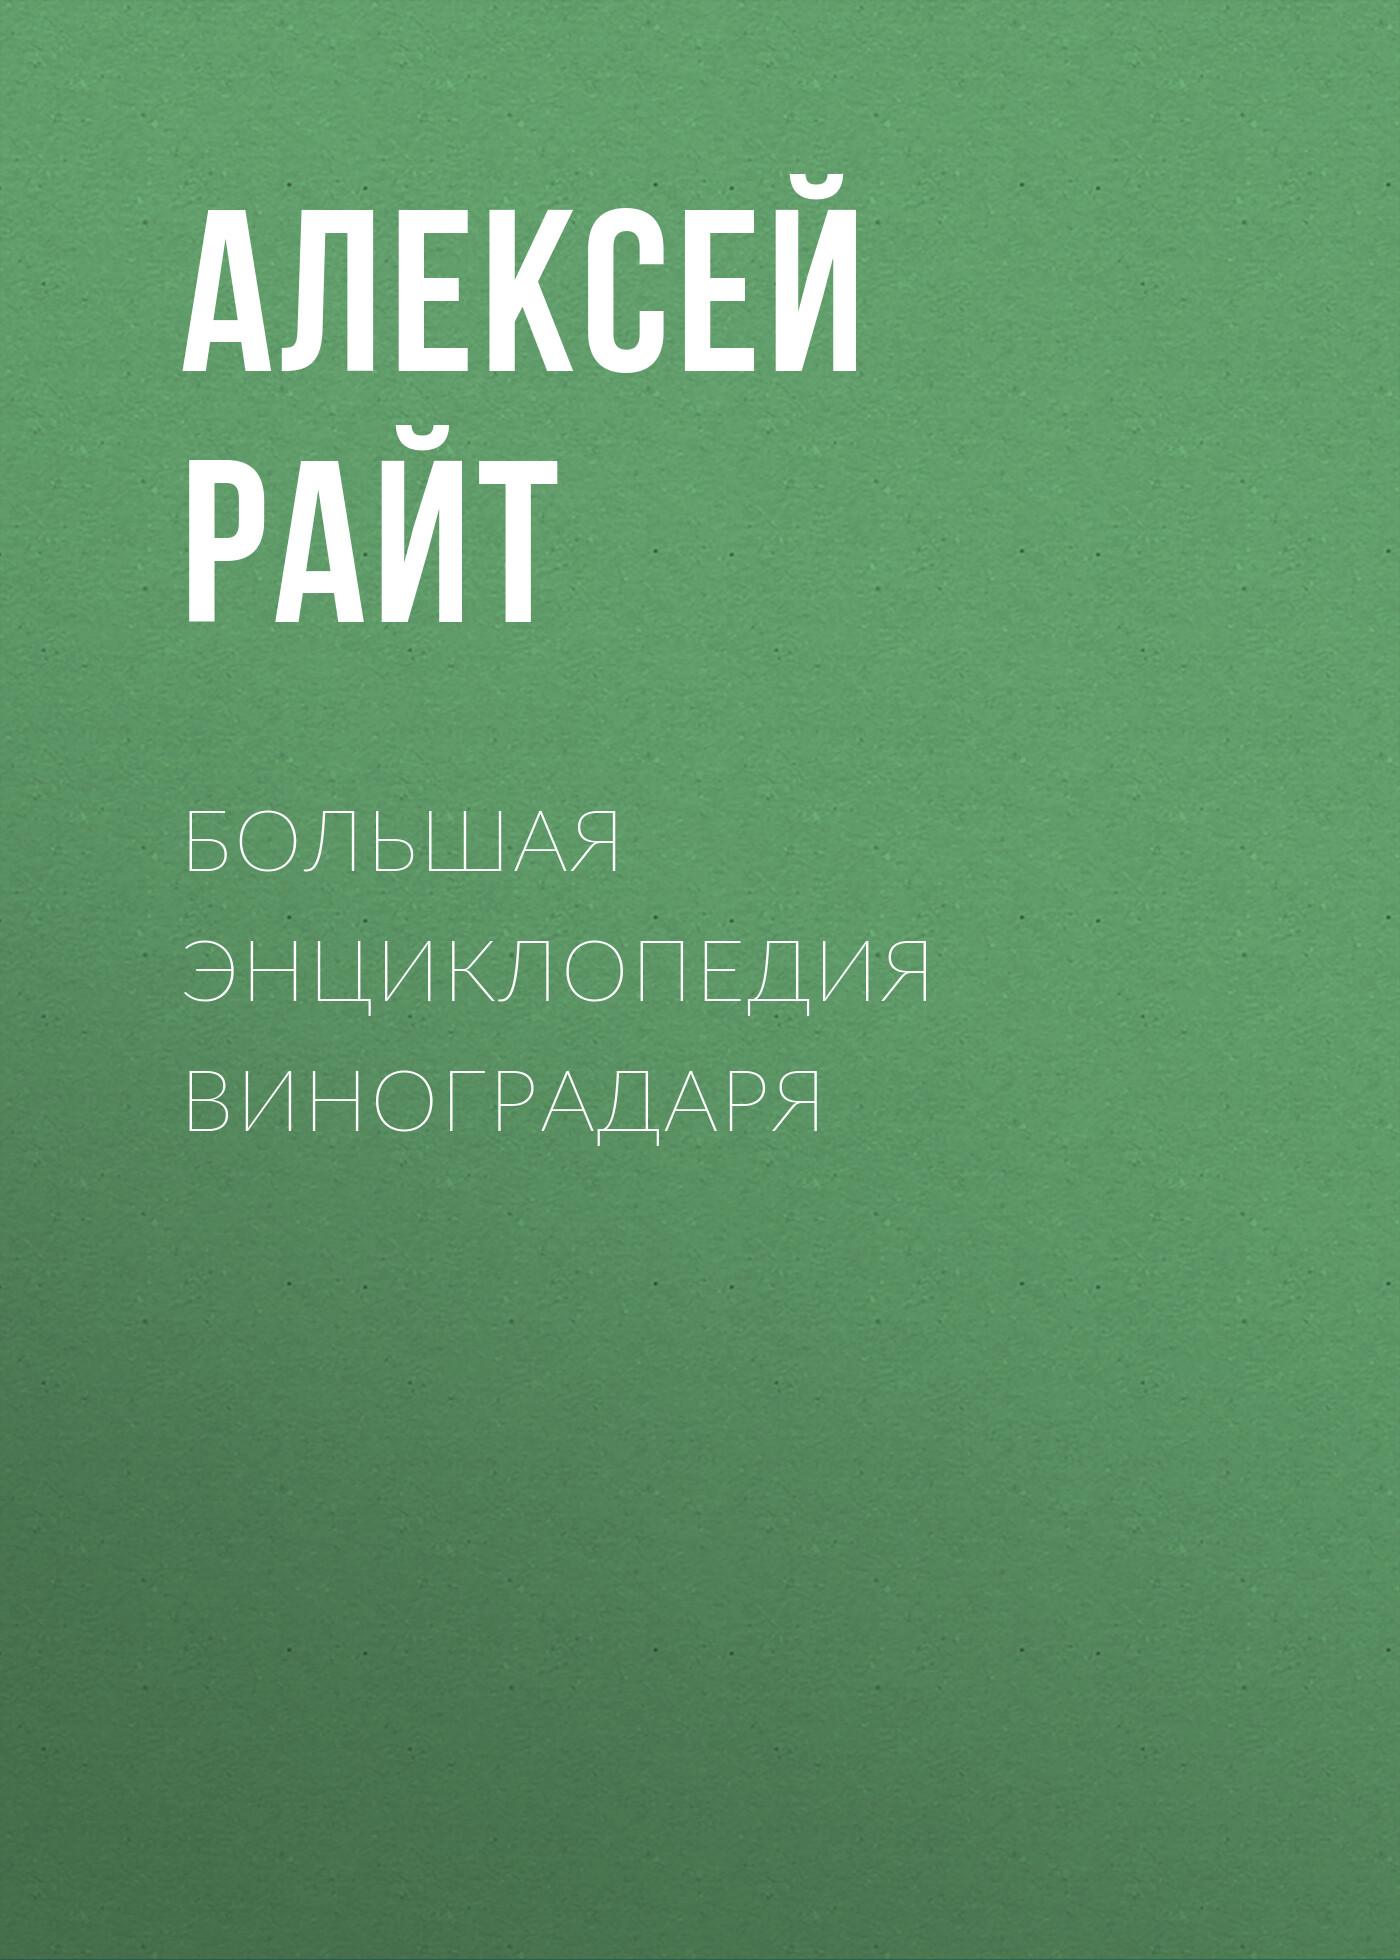 Татьяна Плотникова Большая энциклопедия виноградаря татьяна плотникова ваш домашний виноградник